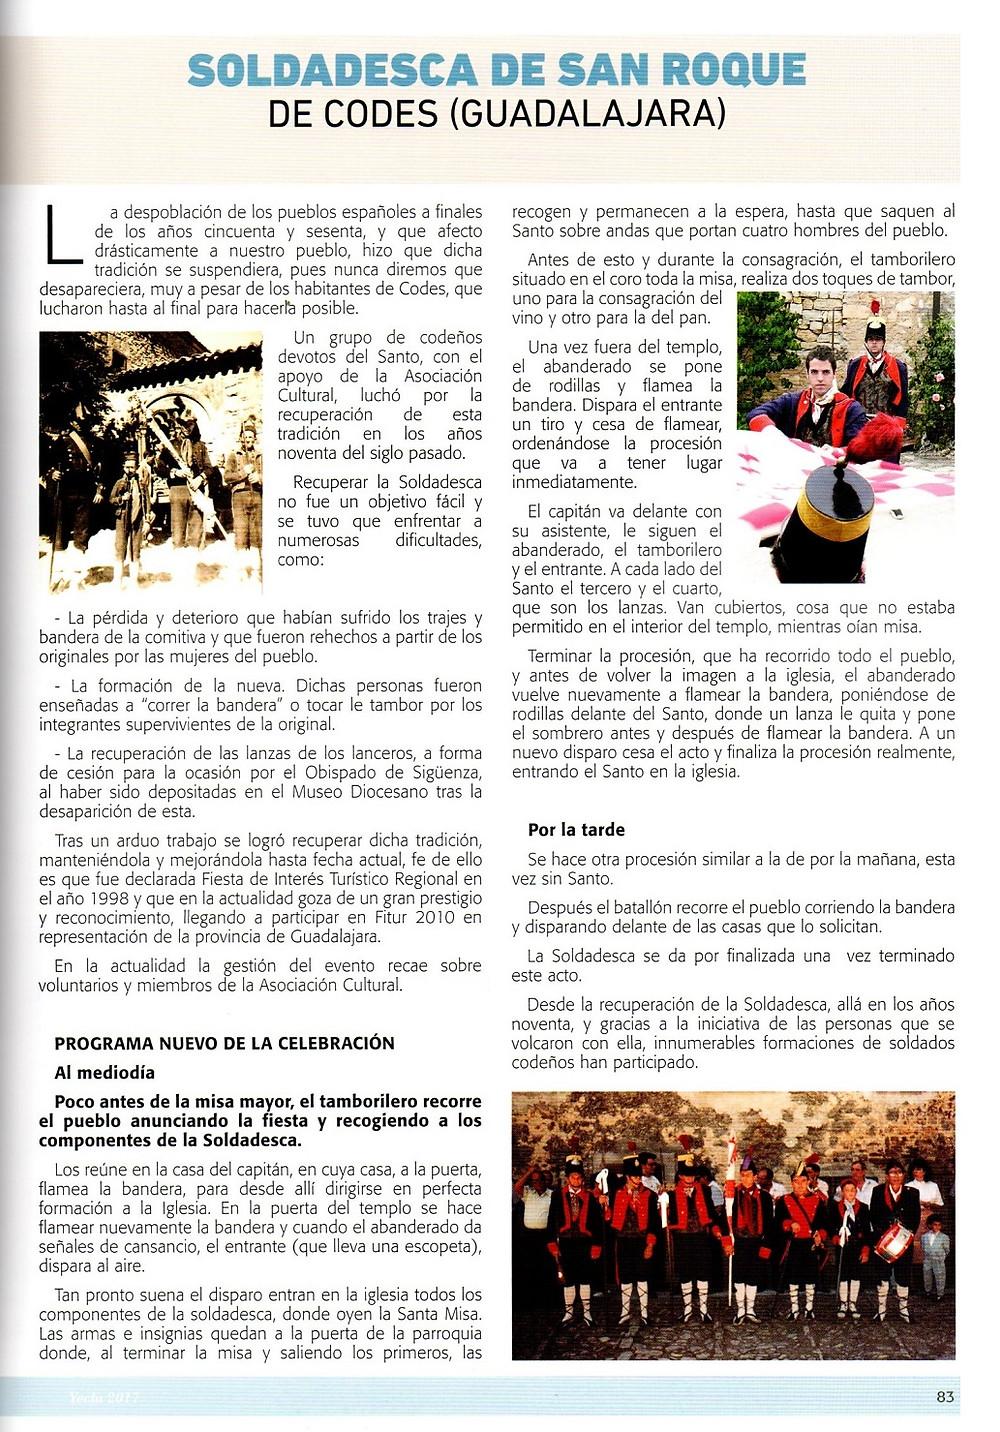 ARTÍCULO PUBLICADO SOLDADESCA CODES